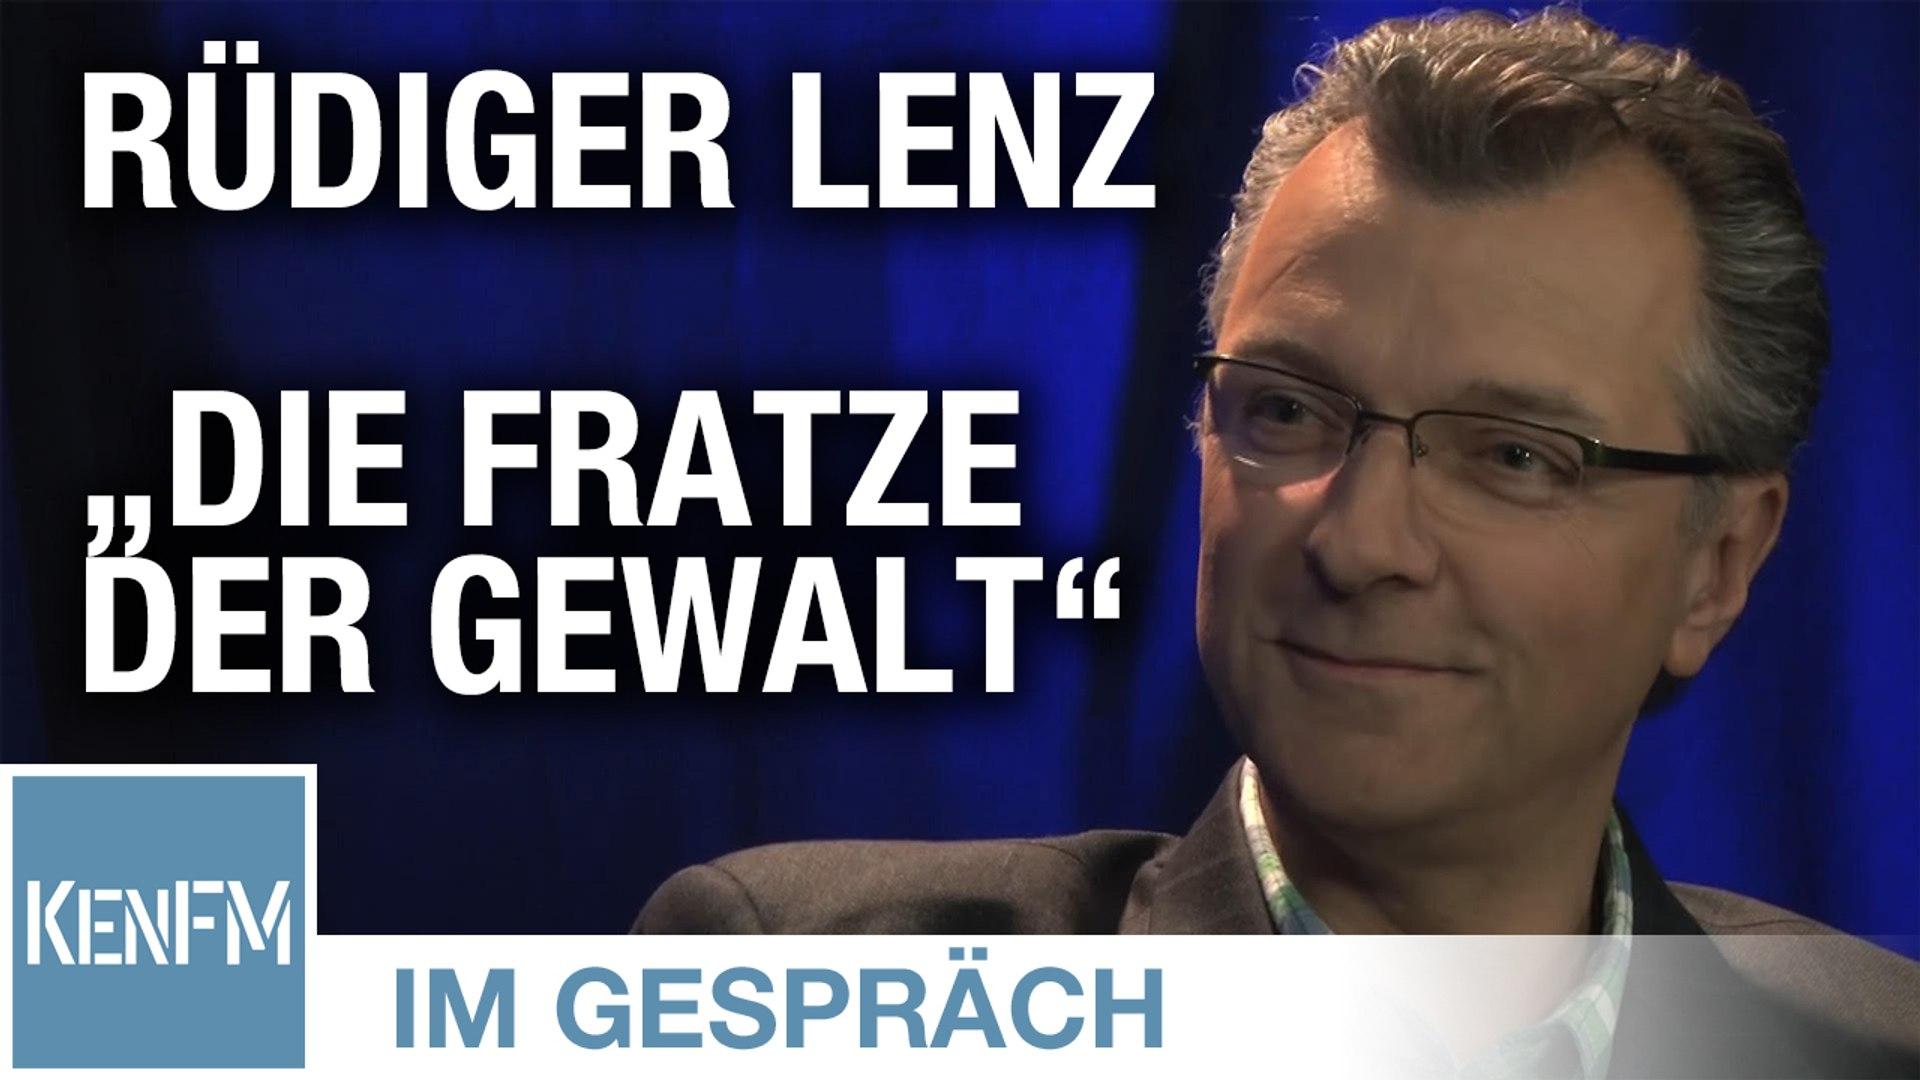 """KenFM im Gespräch mit: Rüdiger Lenz (""""Die Fratze der Gewalt"""")"""